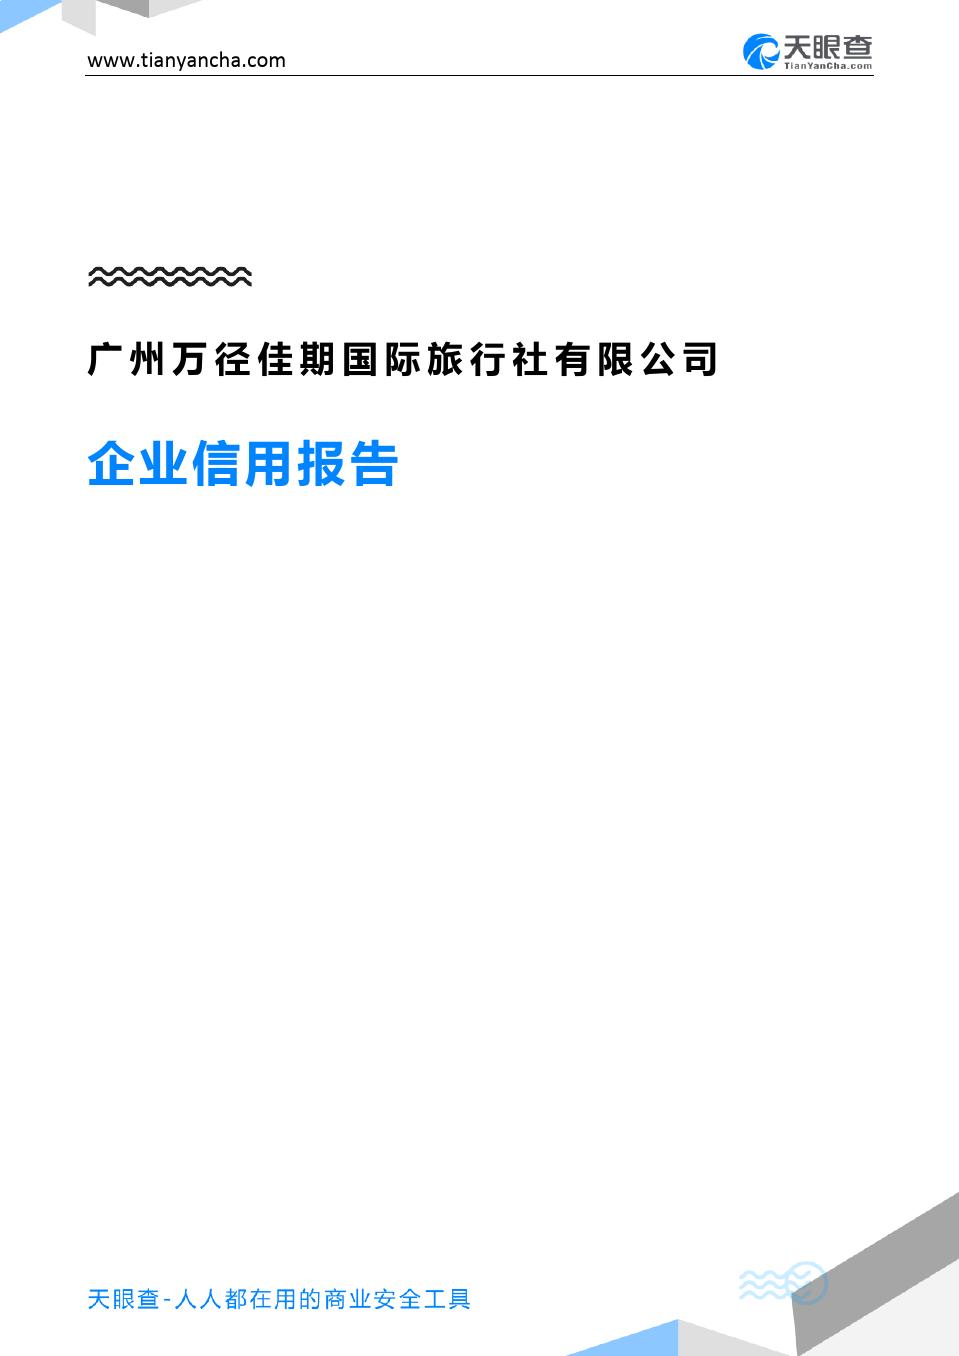 广州万径佳期国际旅行社有限公司(企业信用报告)- 天眼查